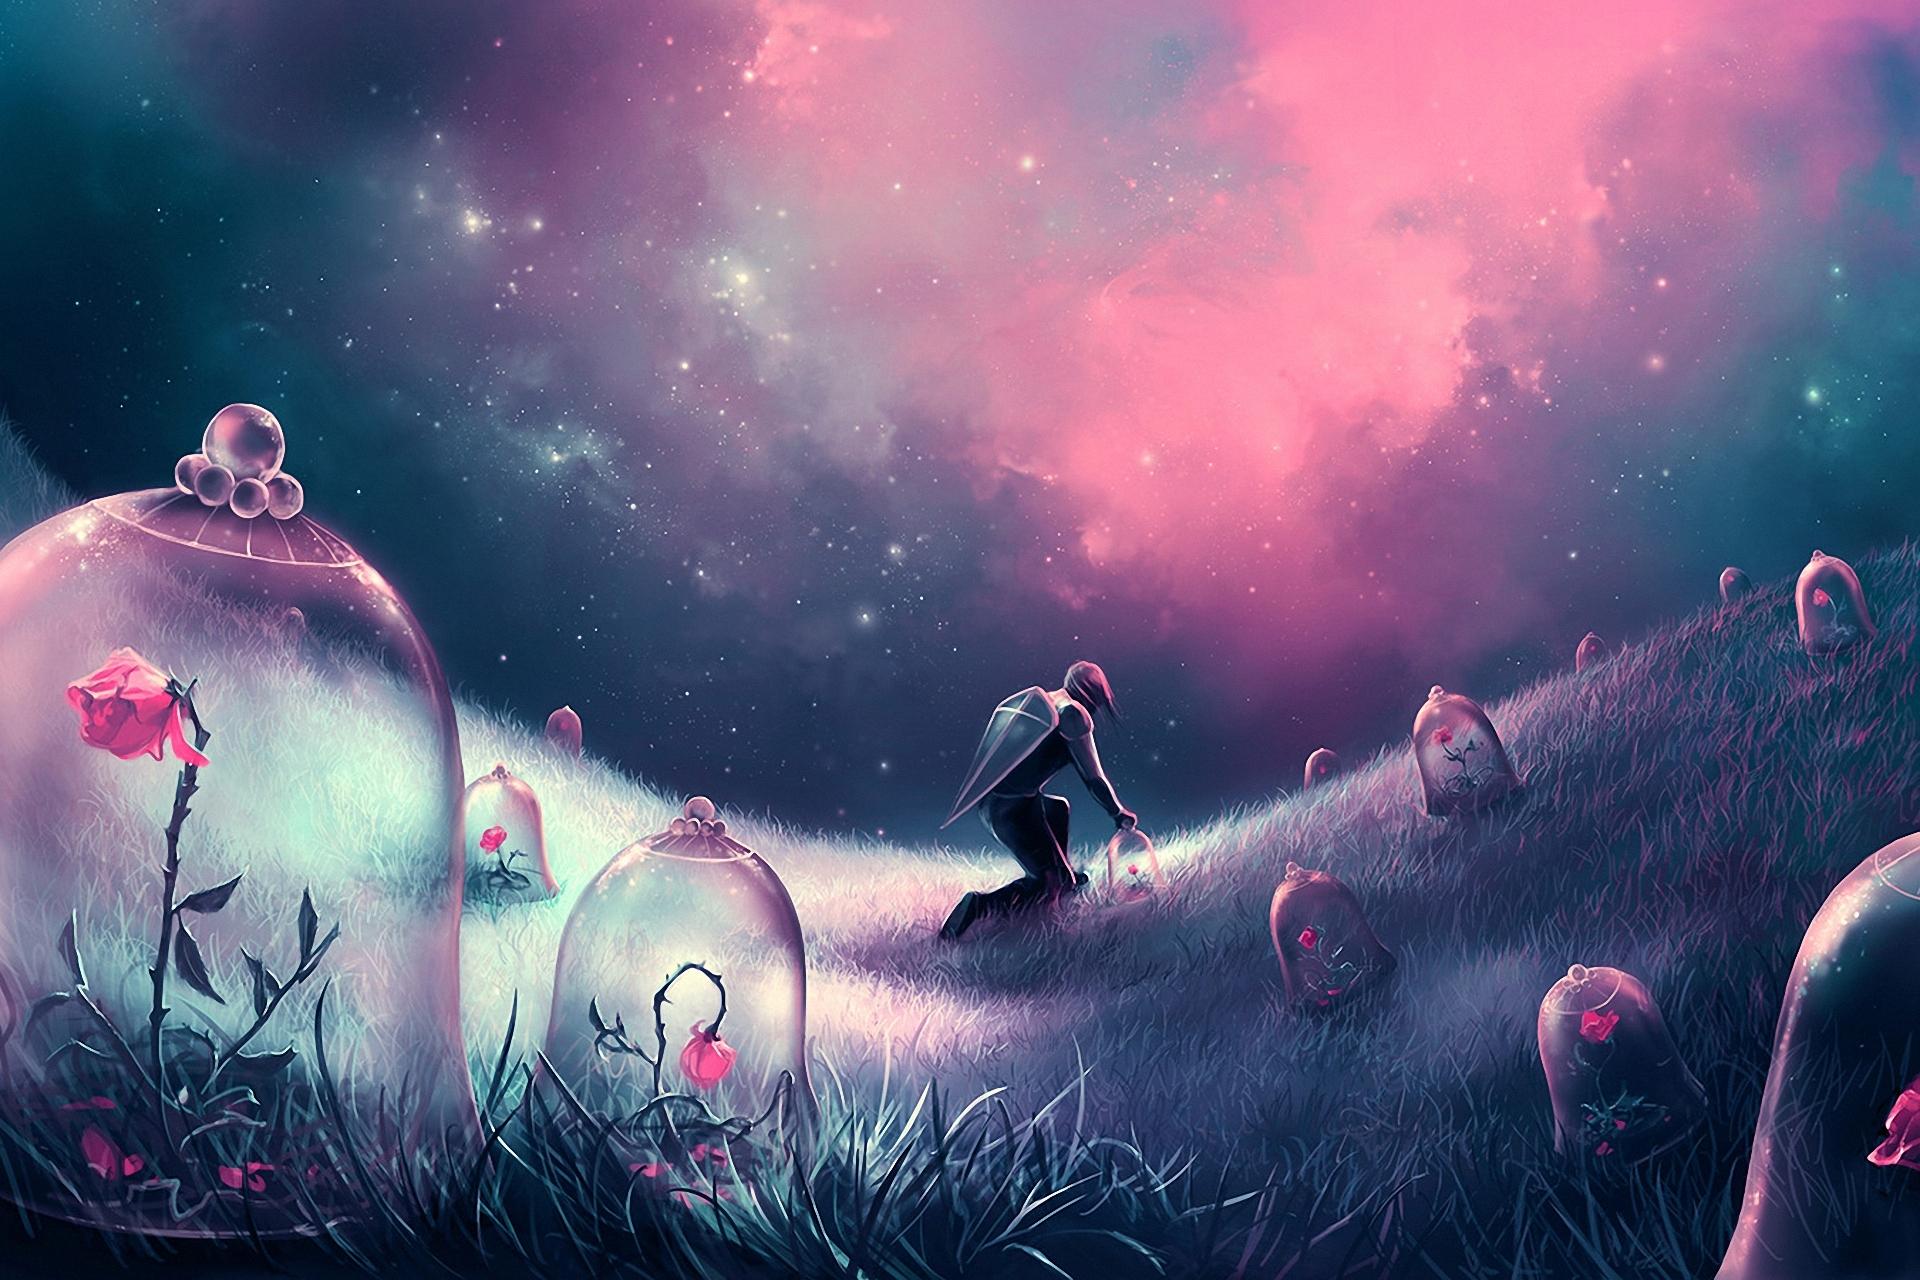 Картинки философские на ночь